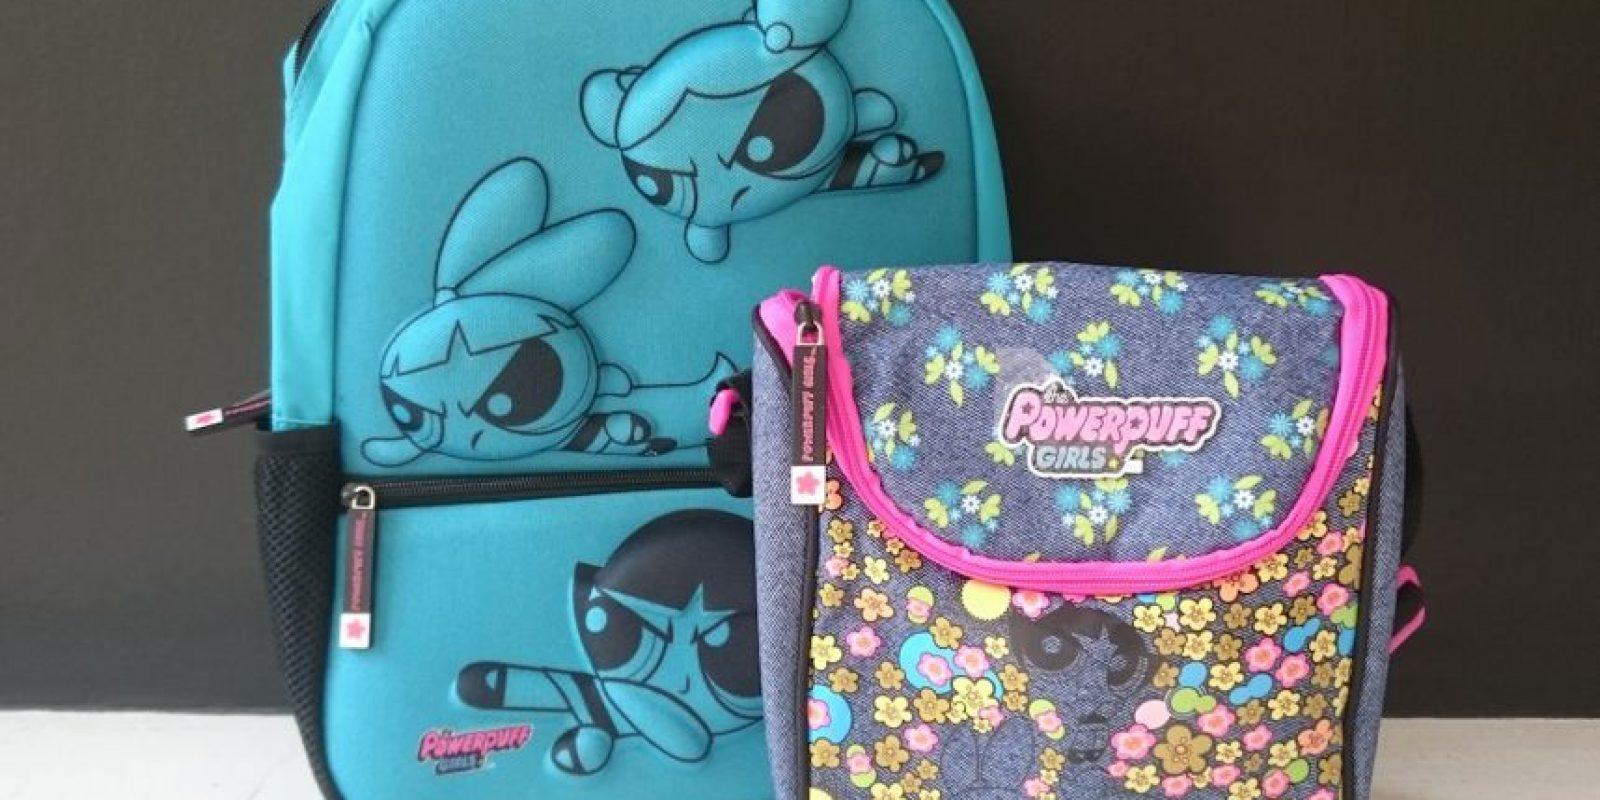 La mayoría de los padres compran otros artículos que combinen con la mochila, como loncheras o lapiceras. Foto:Especial